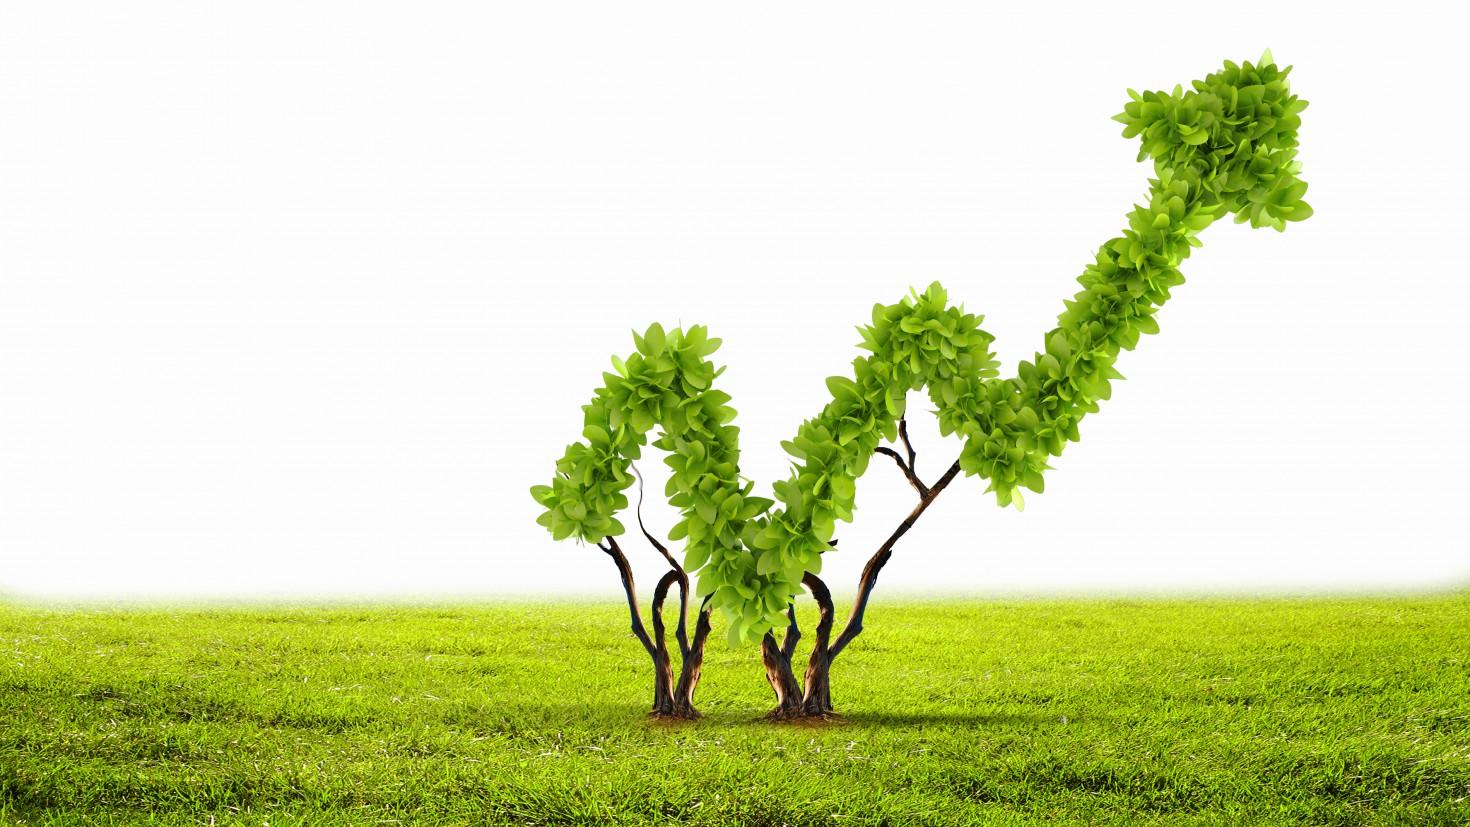 Hai mục tiêu phát triển và bảo vệ hoàn toàn có thể được cùng thực hiện với trái phiếu xanh